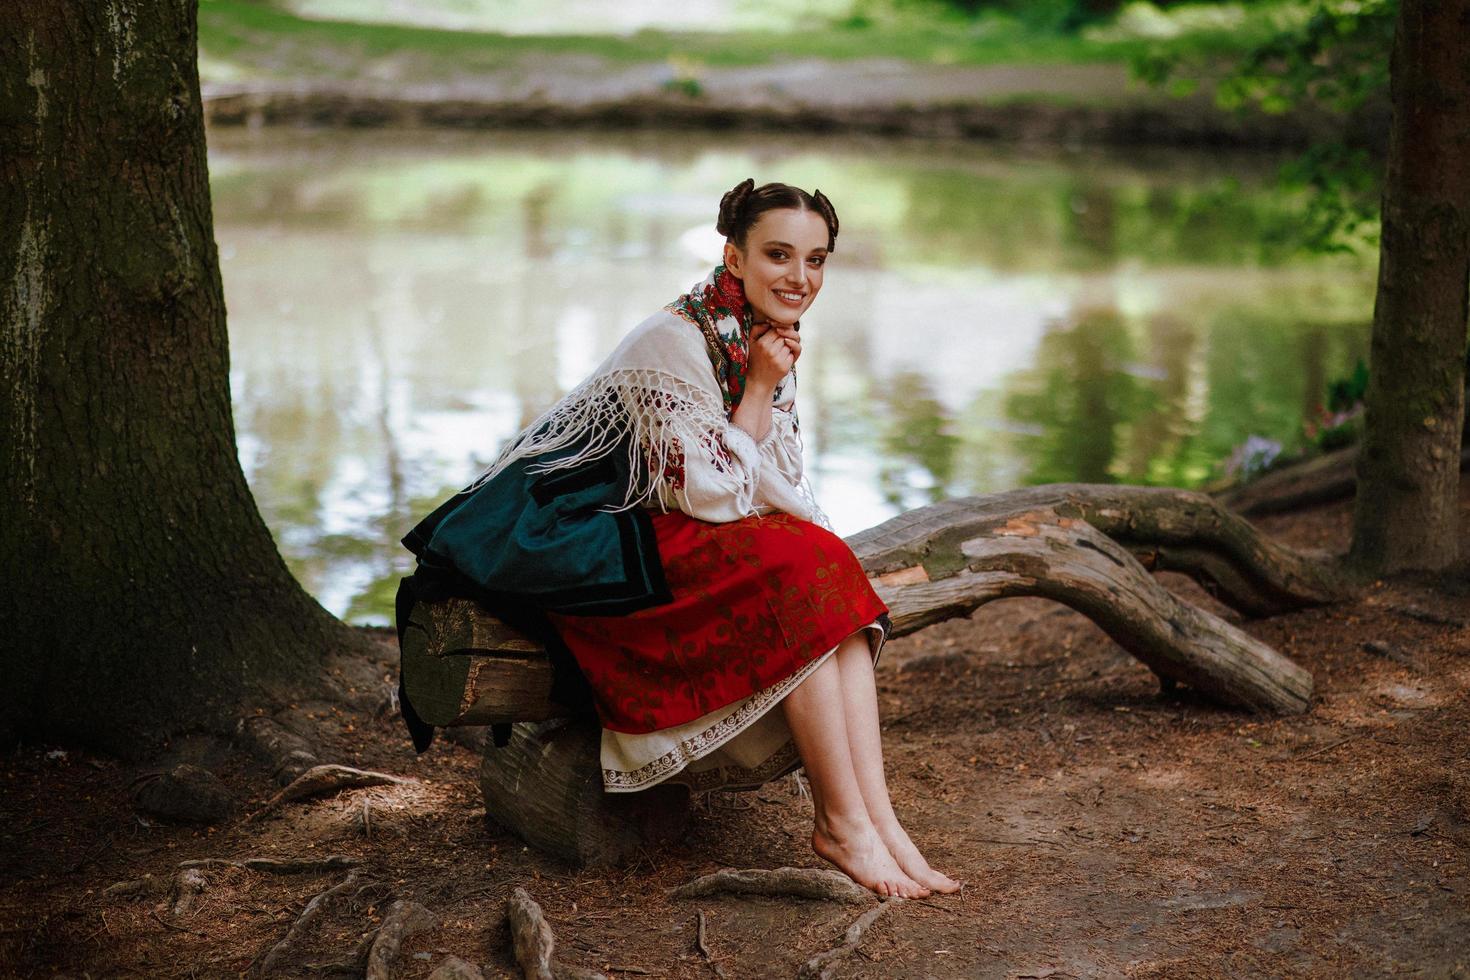 giovane ragazza in un abito ricamato etnico seduto su una panchina vicino al lago foto